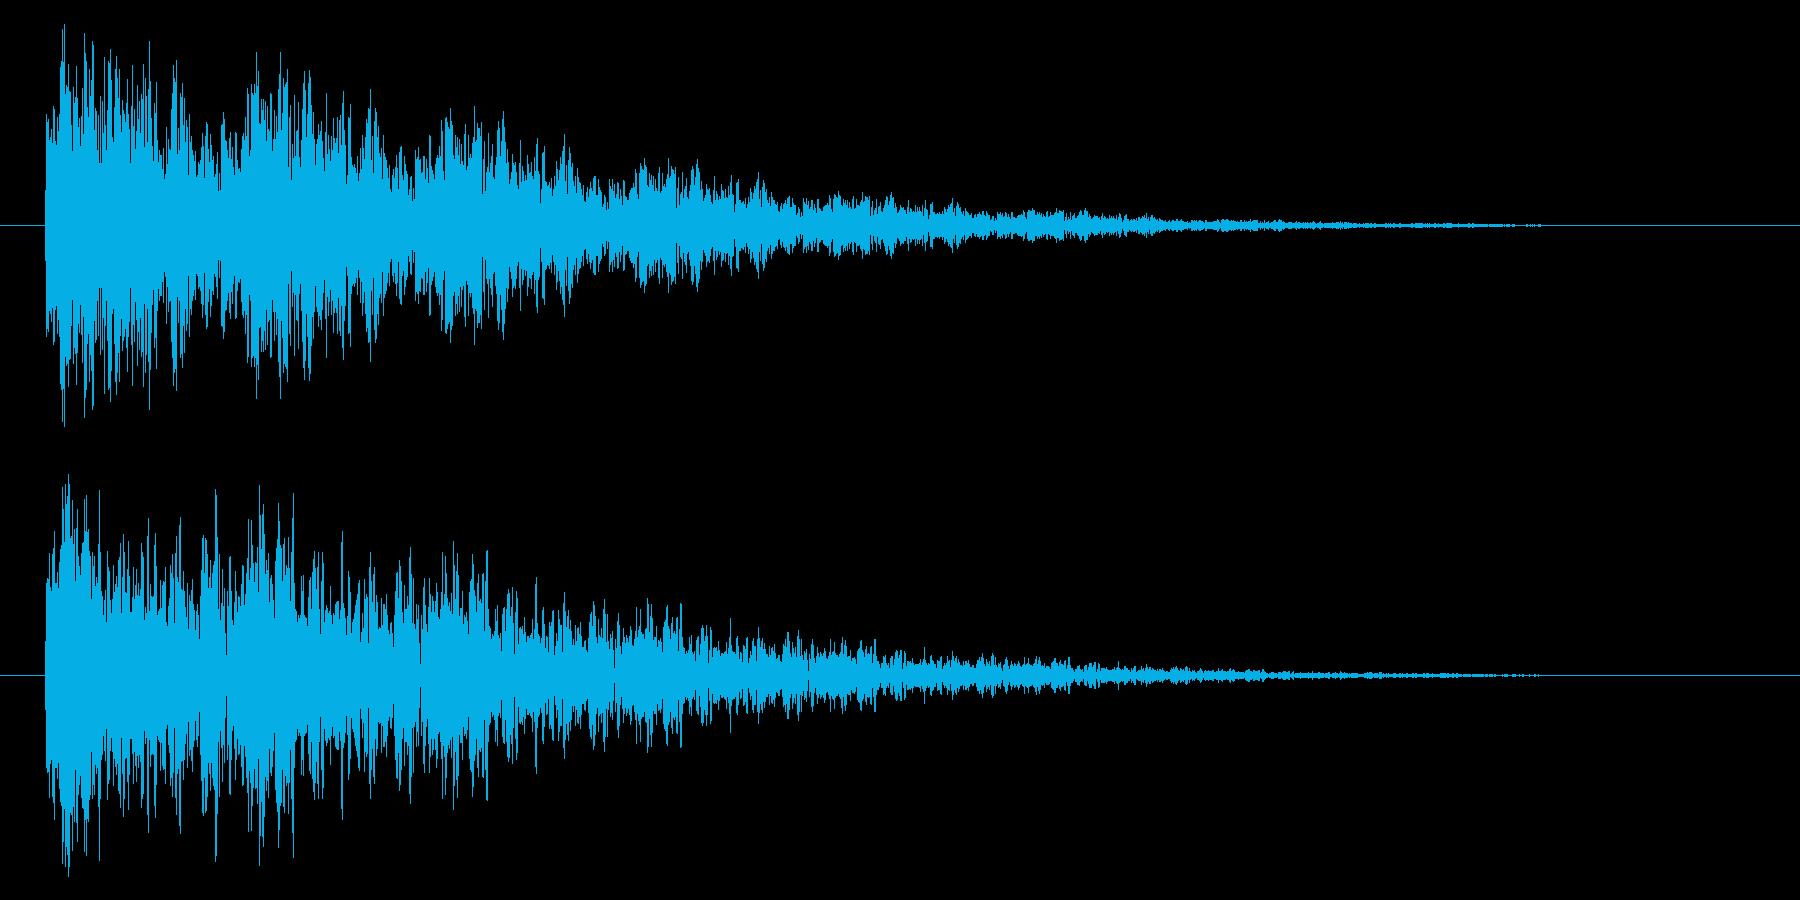 【アクセント45-2】の再生済みの波形